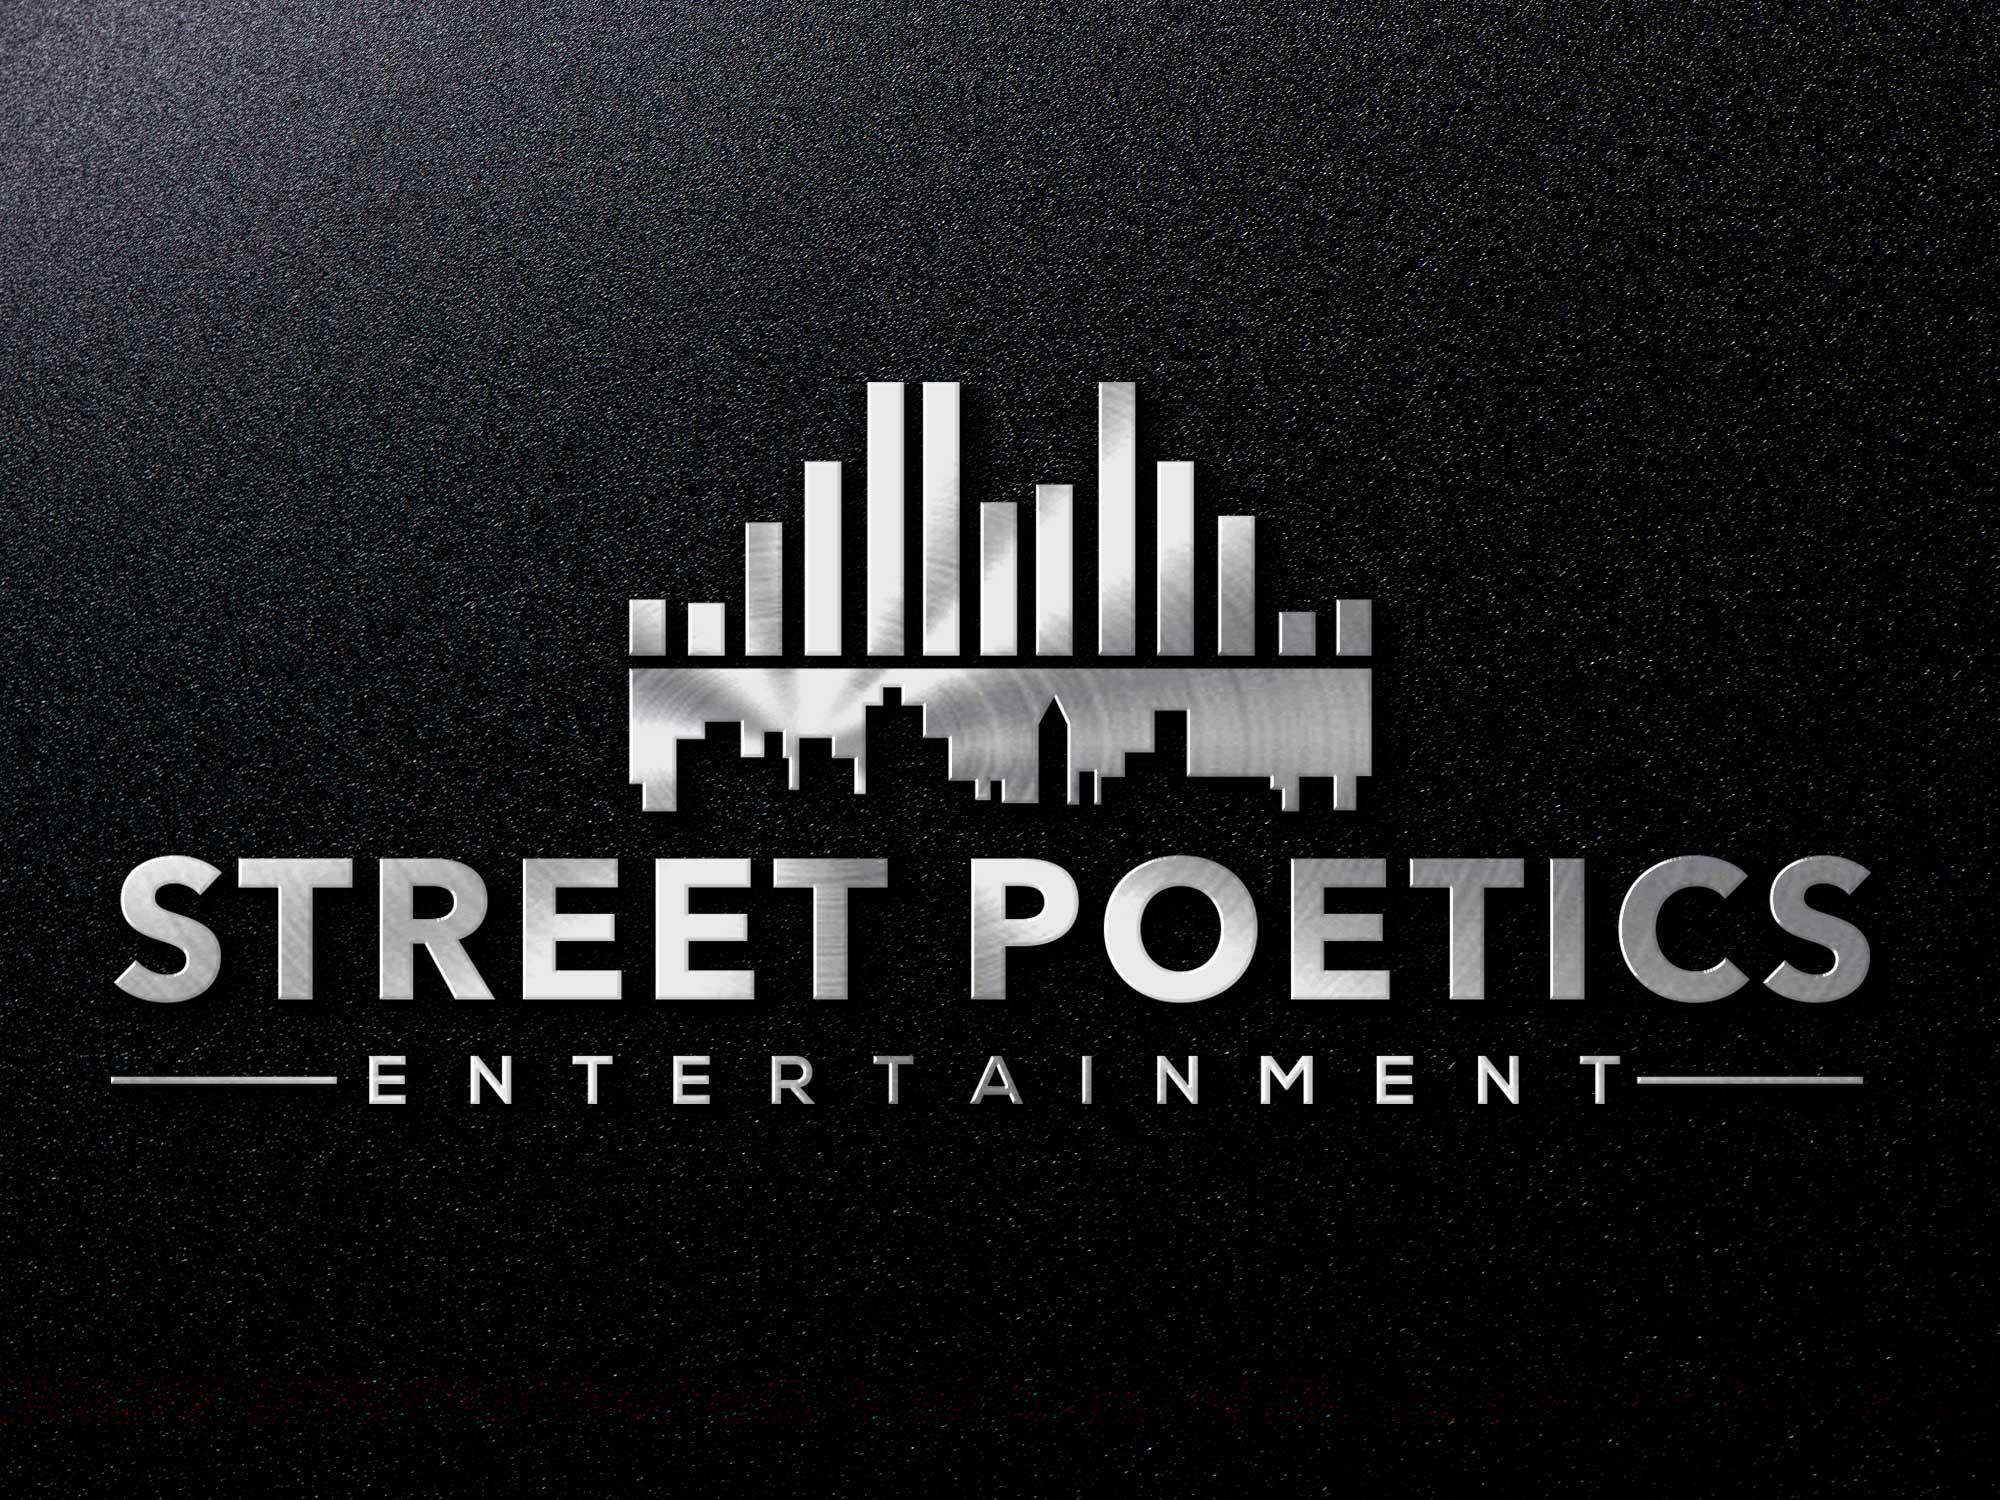 Streetpoeticsentertainment33